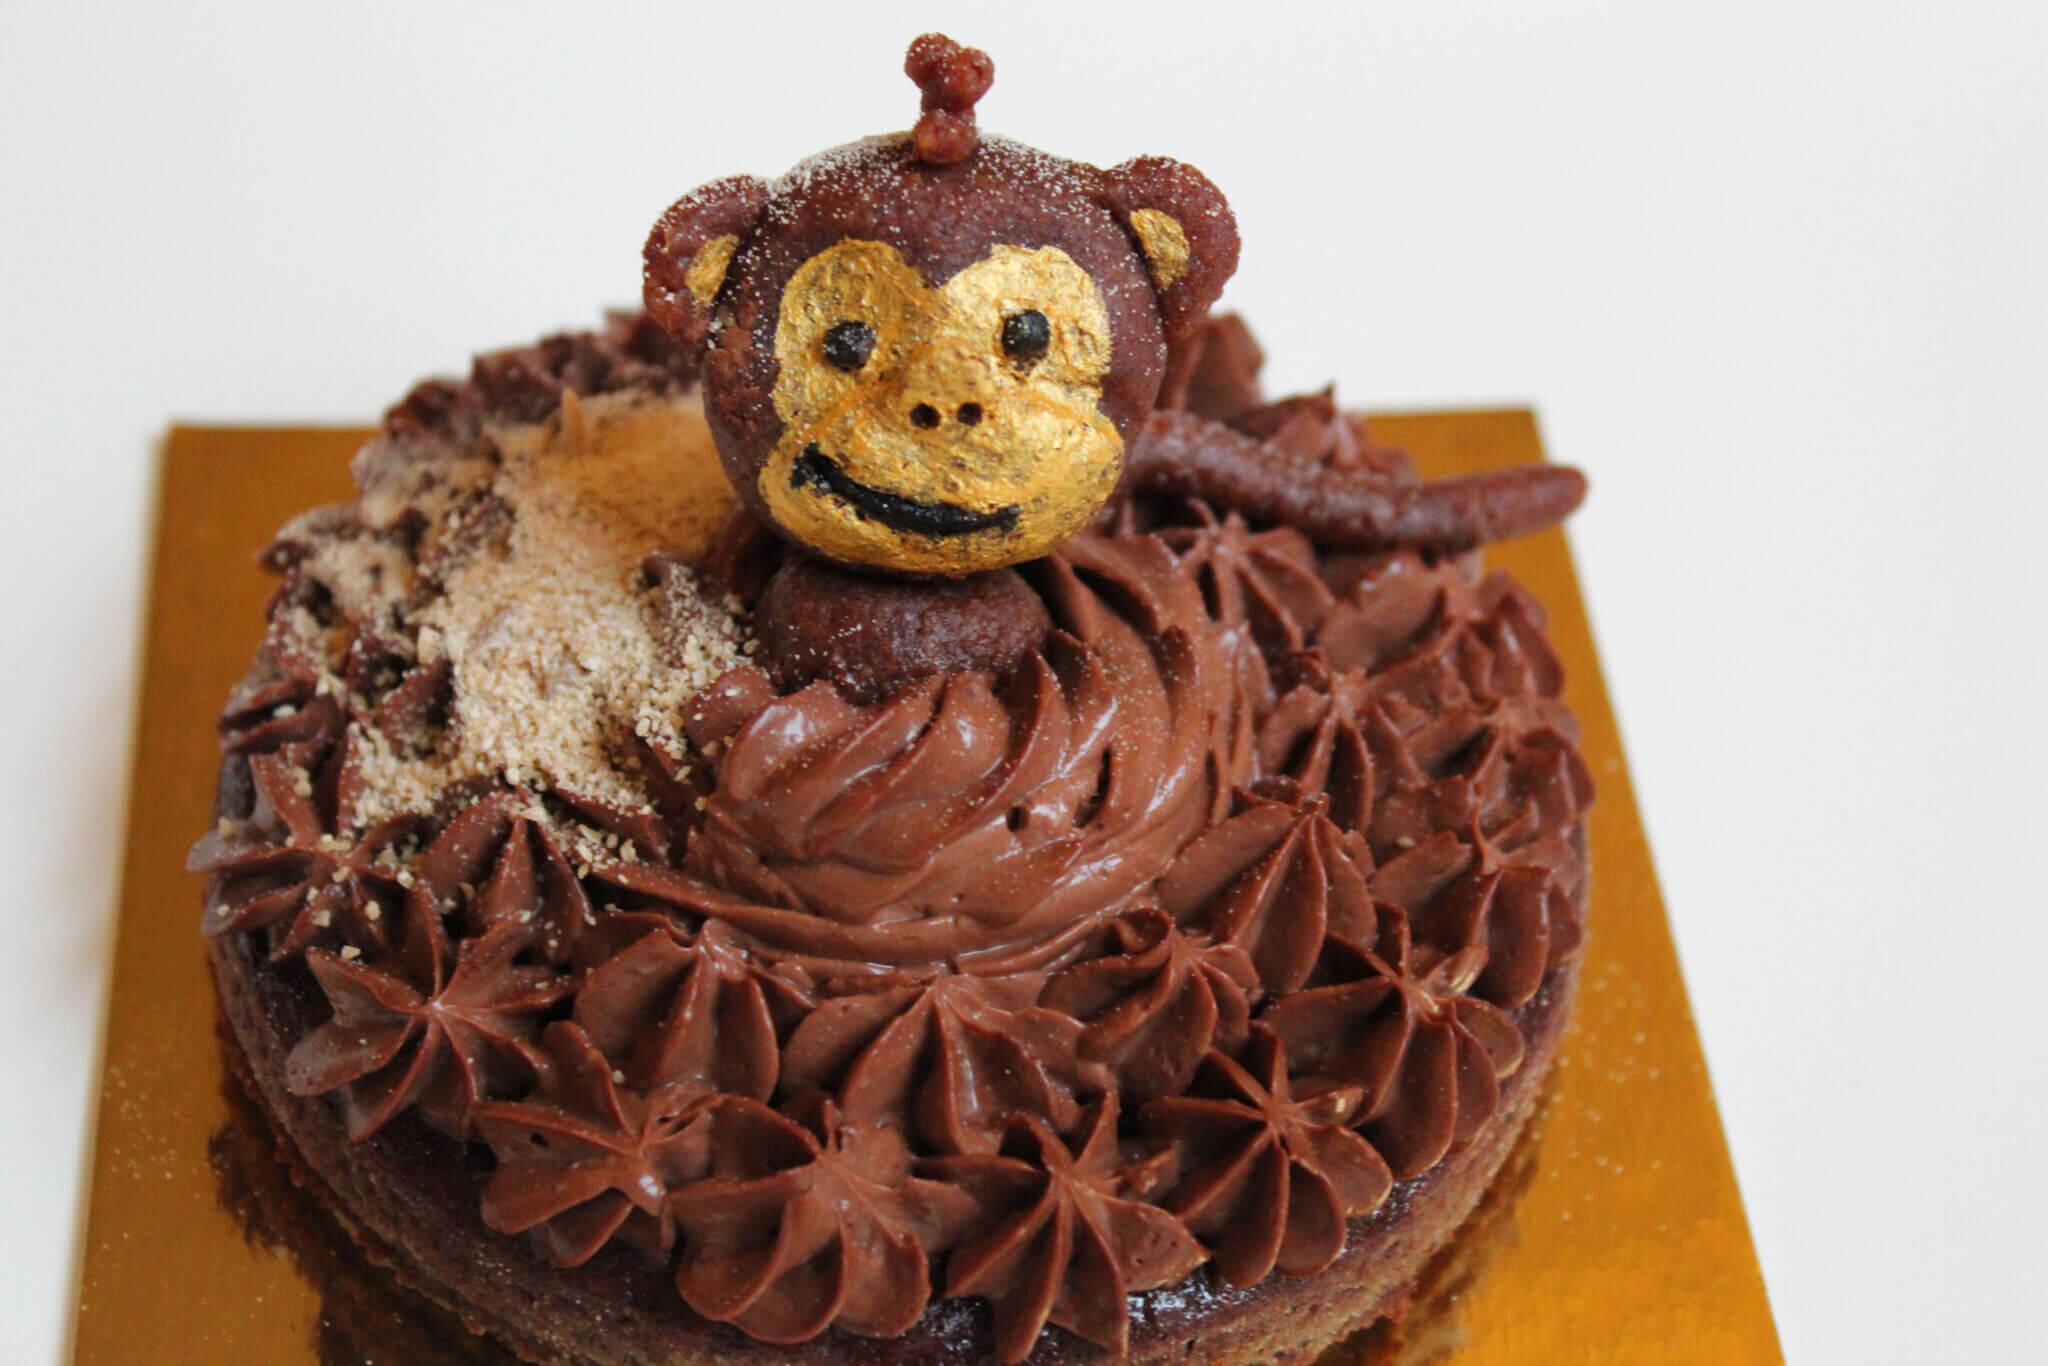 chocoladetaart met aapje zonder suiker